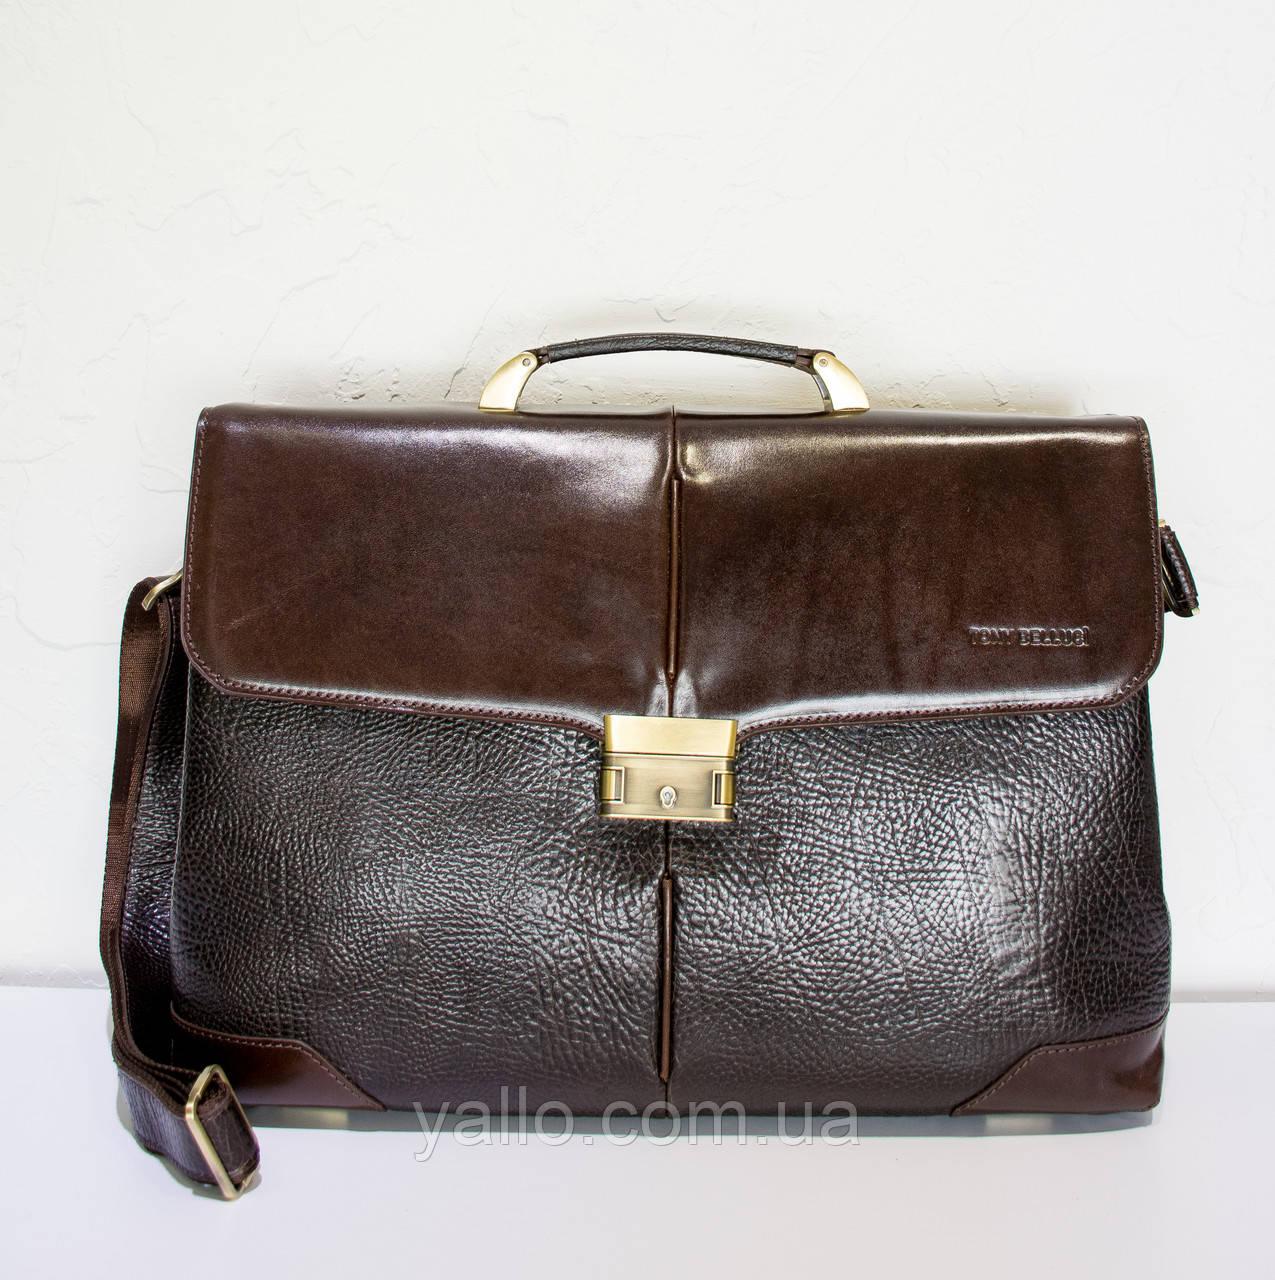 Кожаный портфель, Tony Bellucci T5038-886